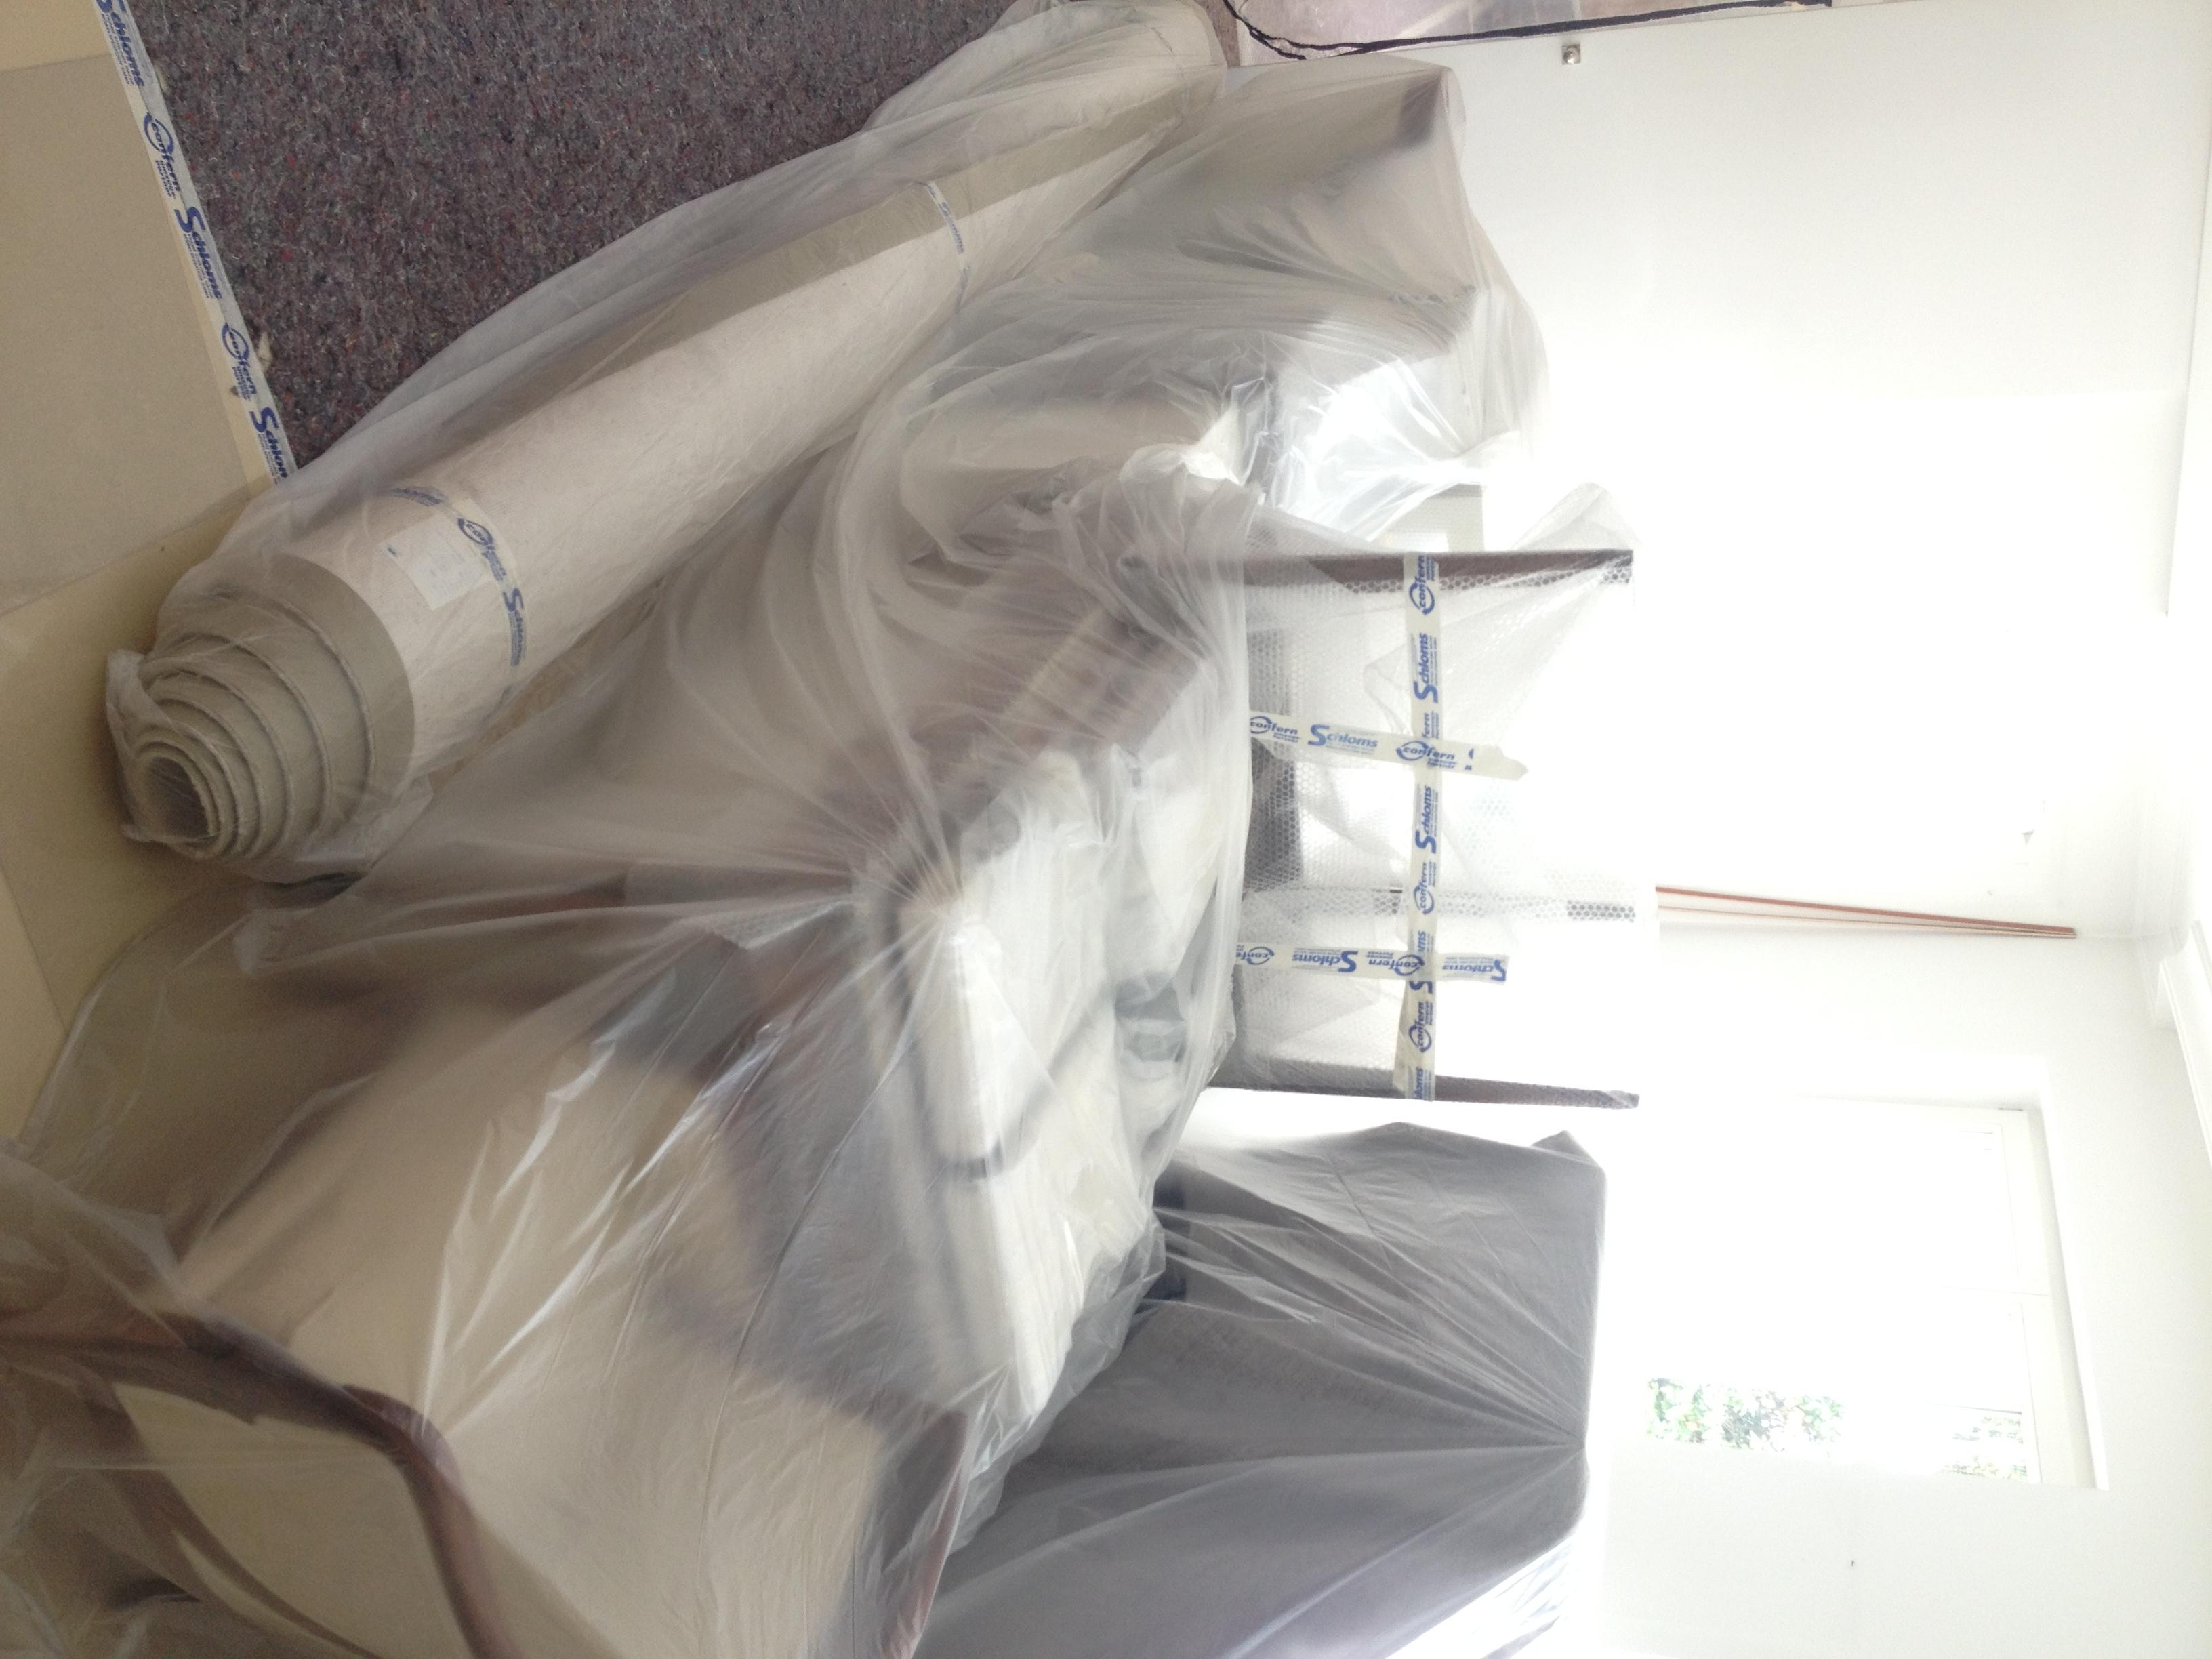 Maler Heyse packt Möbel sauber ein